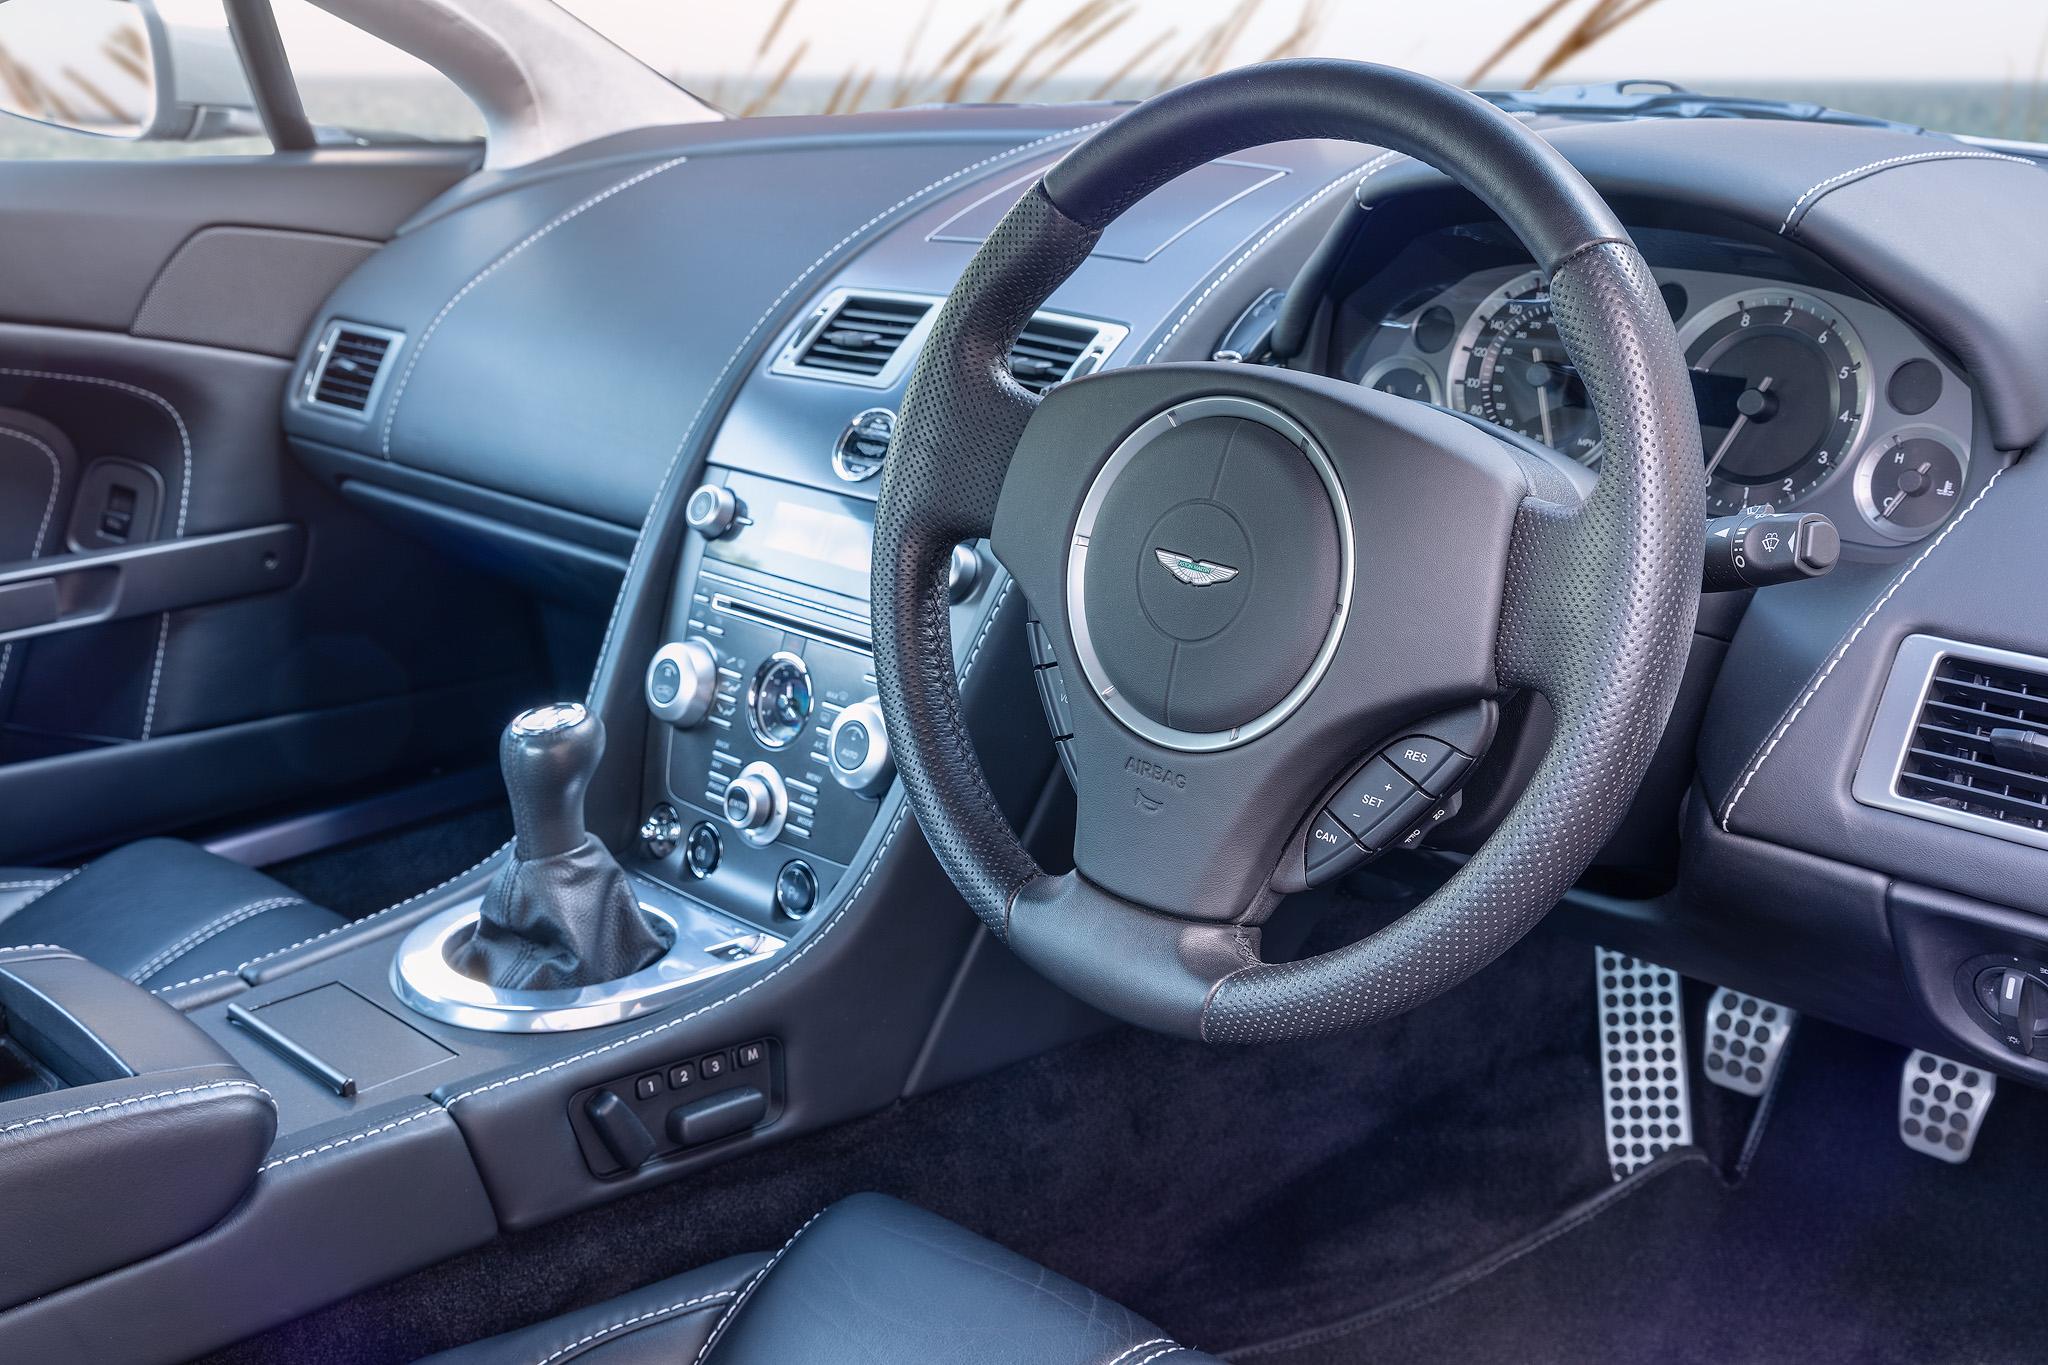 Vantage V8